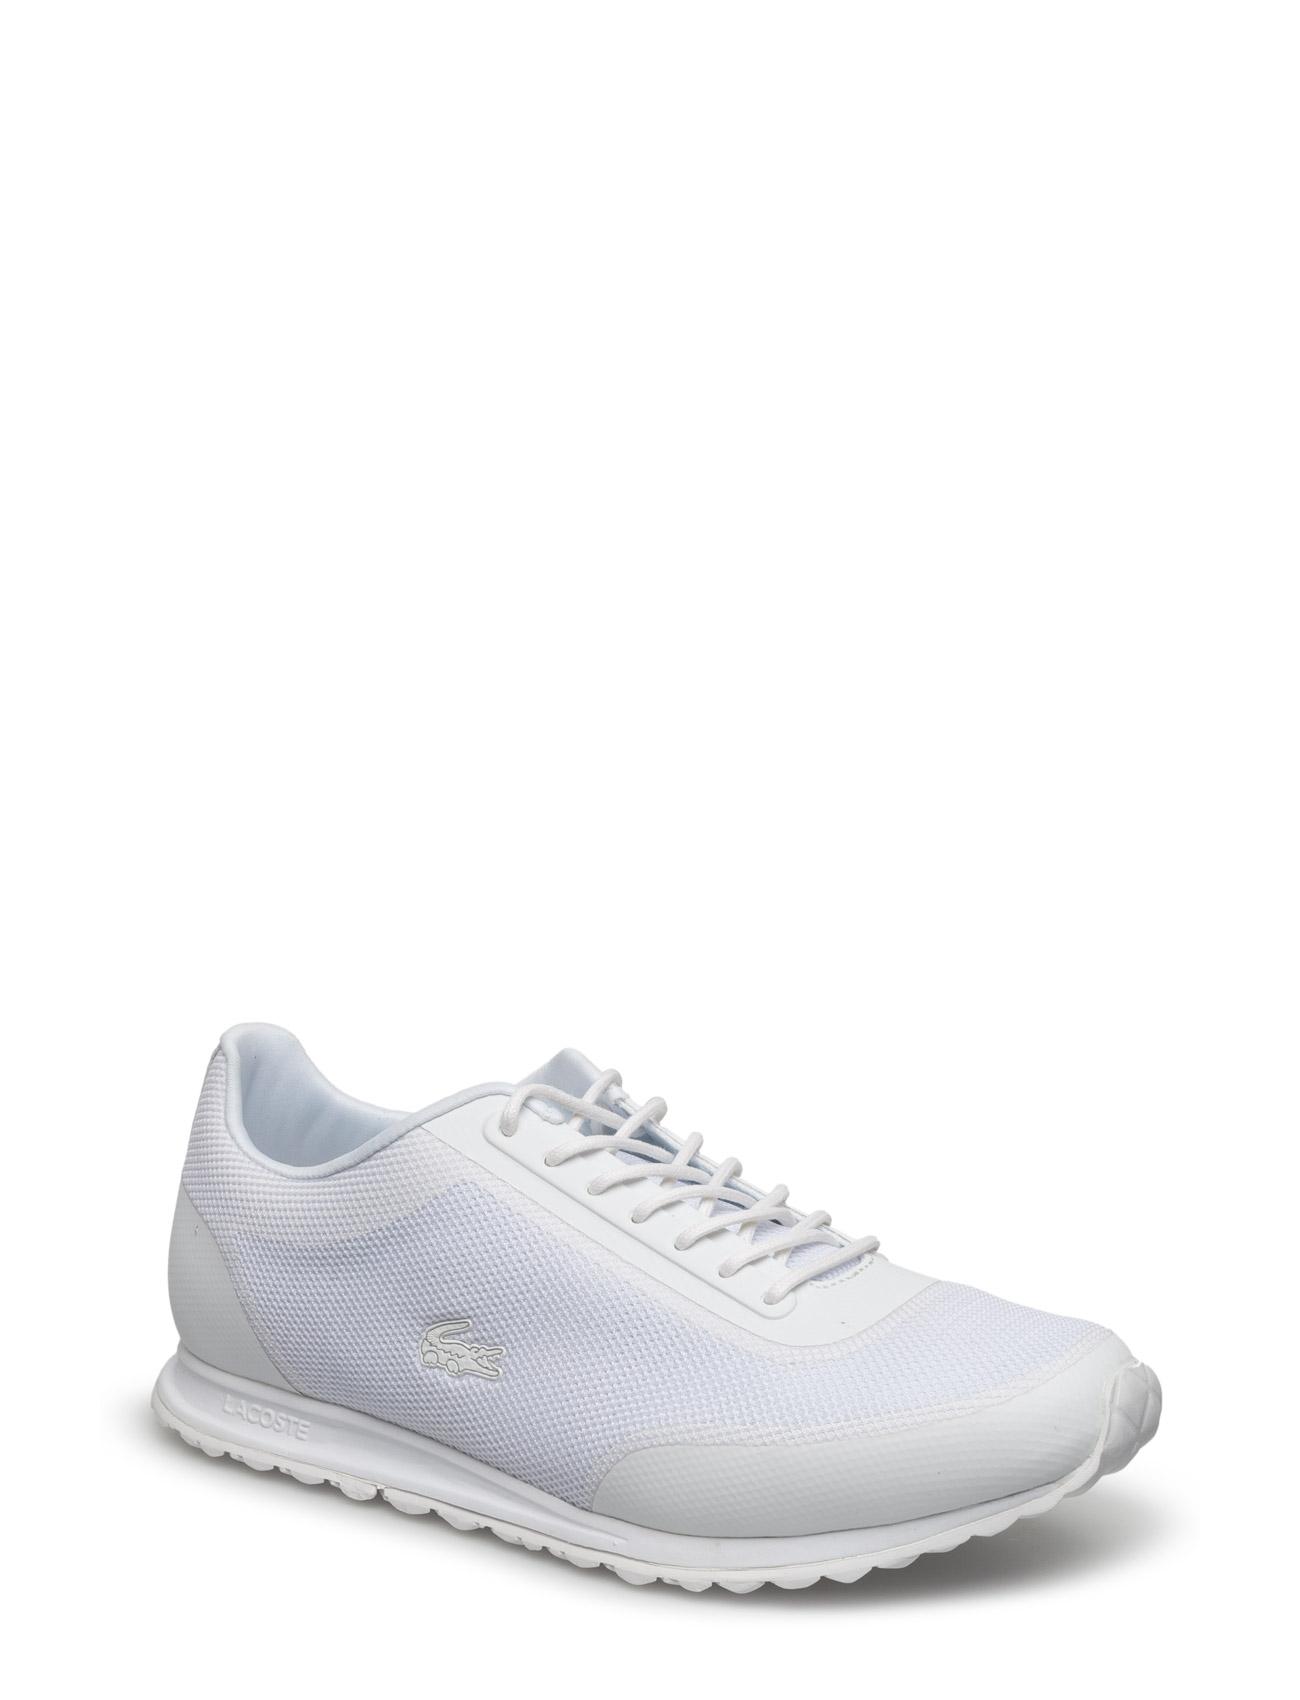 lacoste shoes Helaine runner 116 3 på boozt.com dk